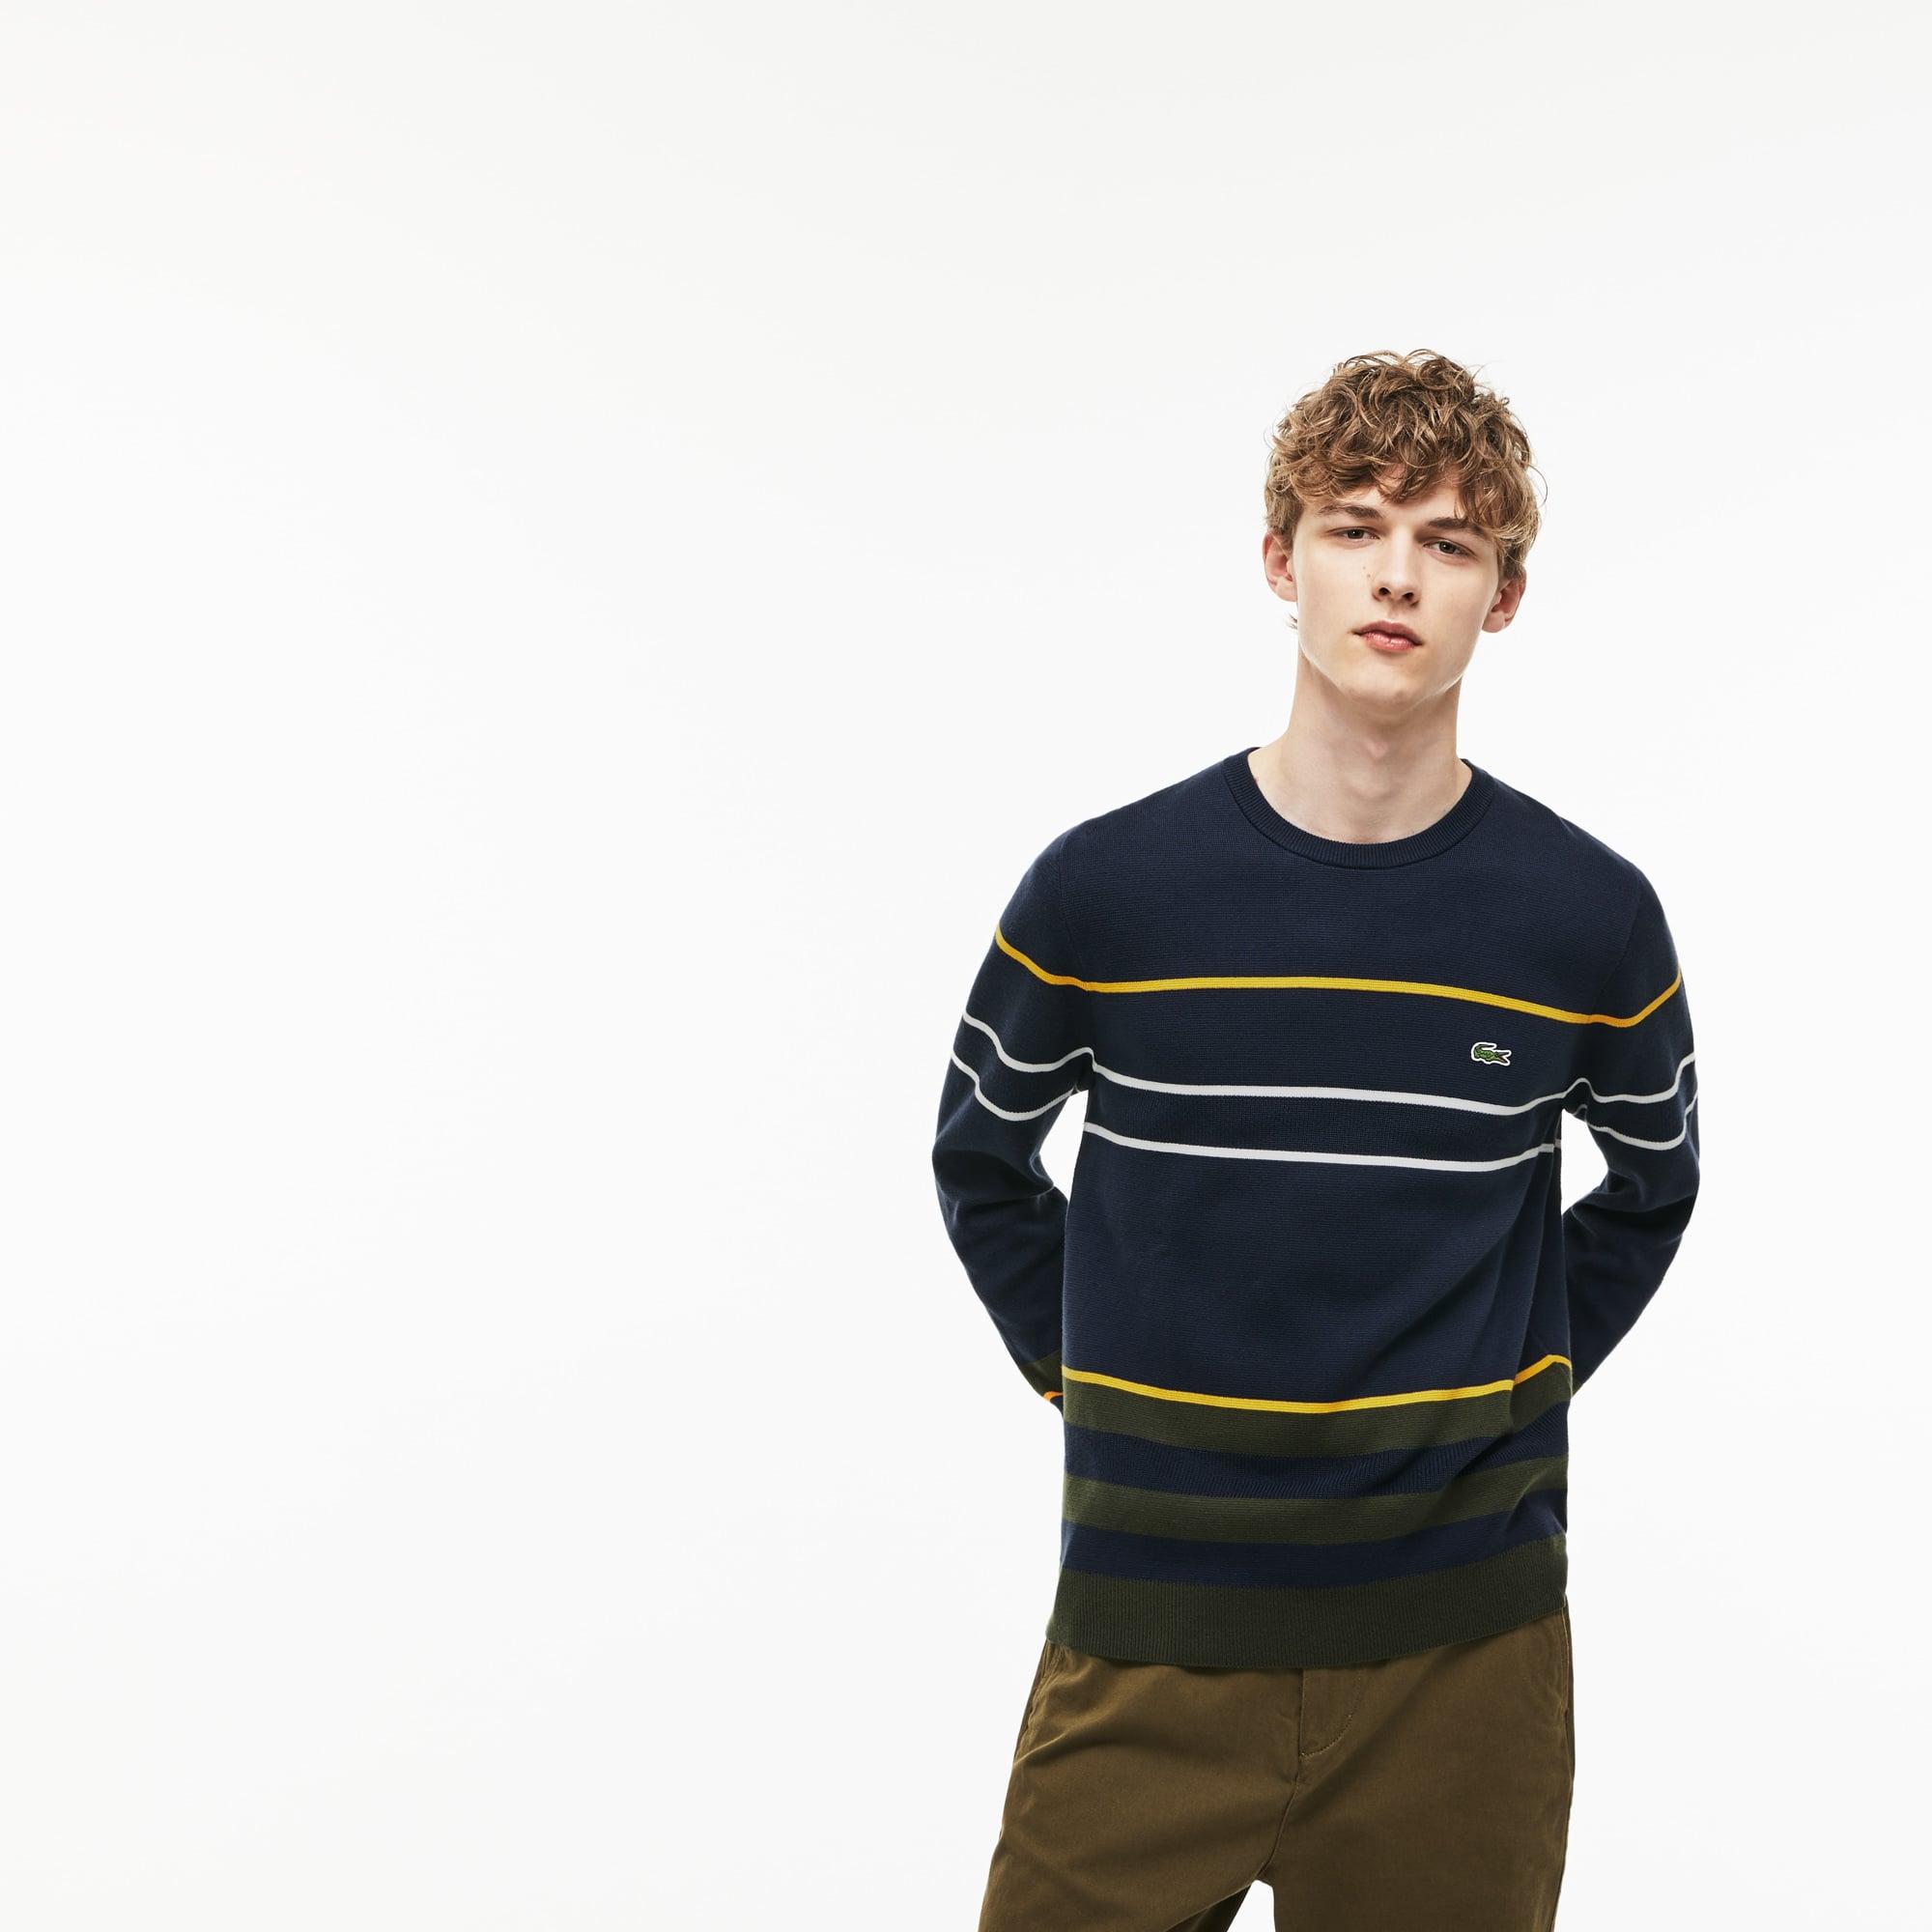 Camisola decote redondo em algodão Milano às riscas multicolores